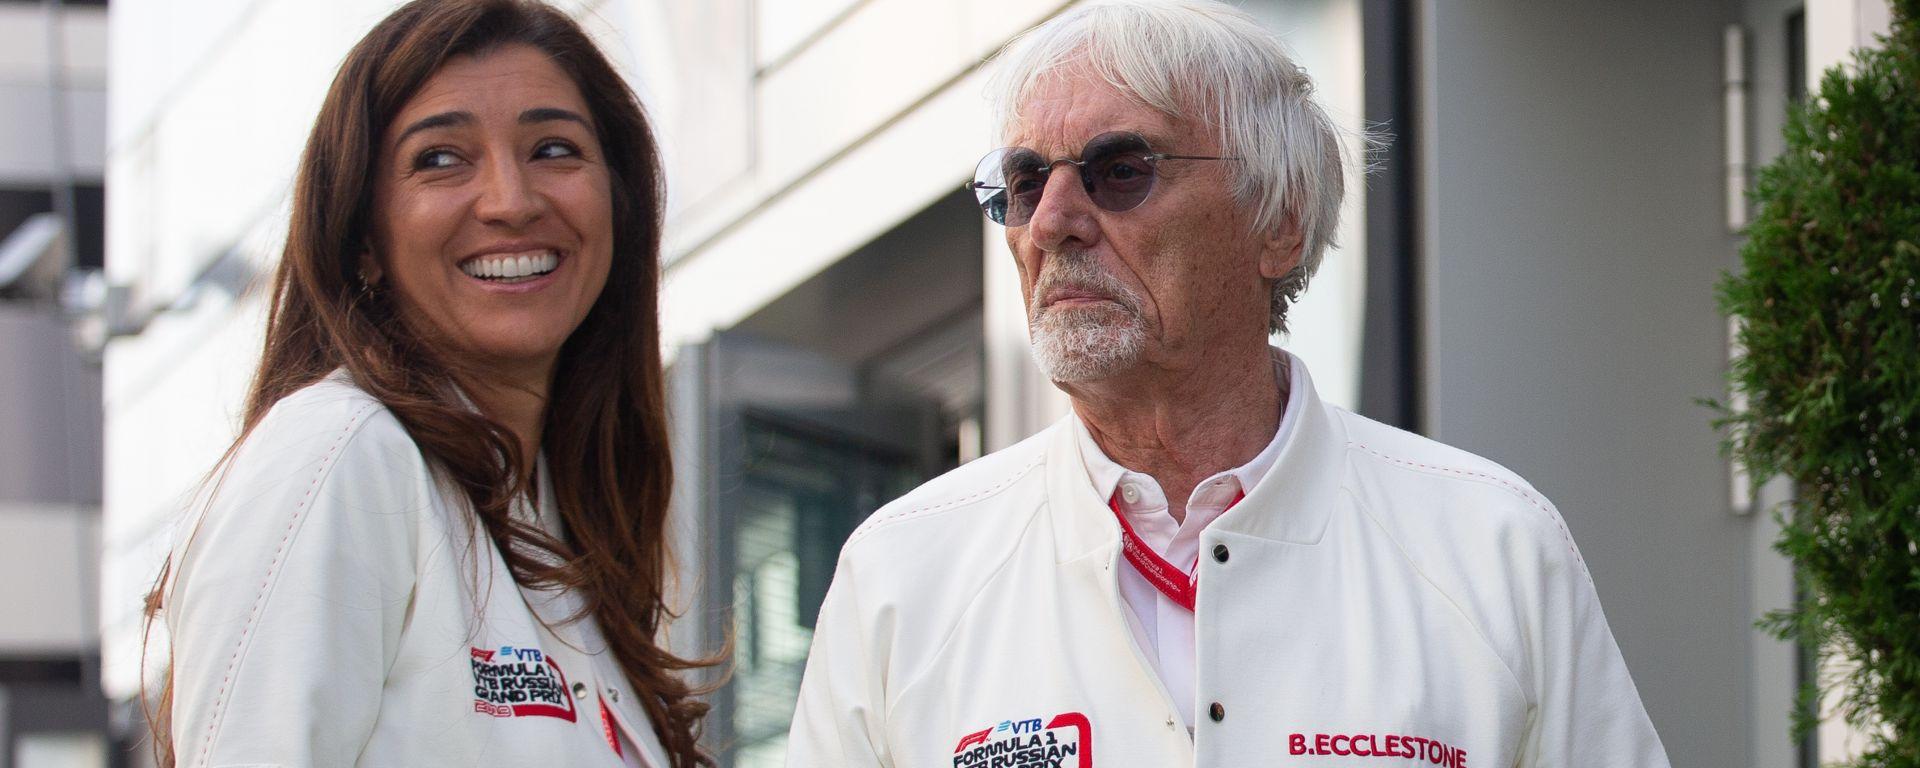 F1: Bernie Ecclestone e la moglie Fabiana